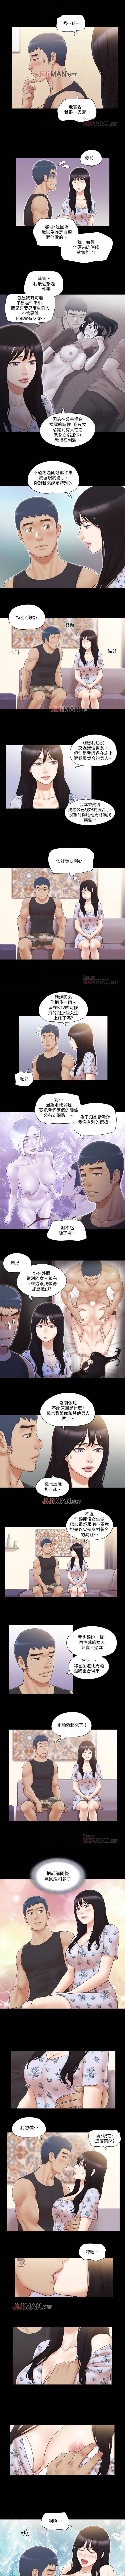 【周五连载】协议换爱(作者:遠德) 第1~62话 159